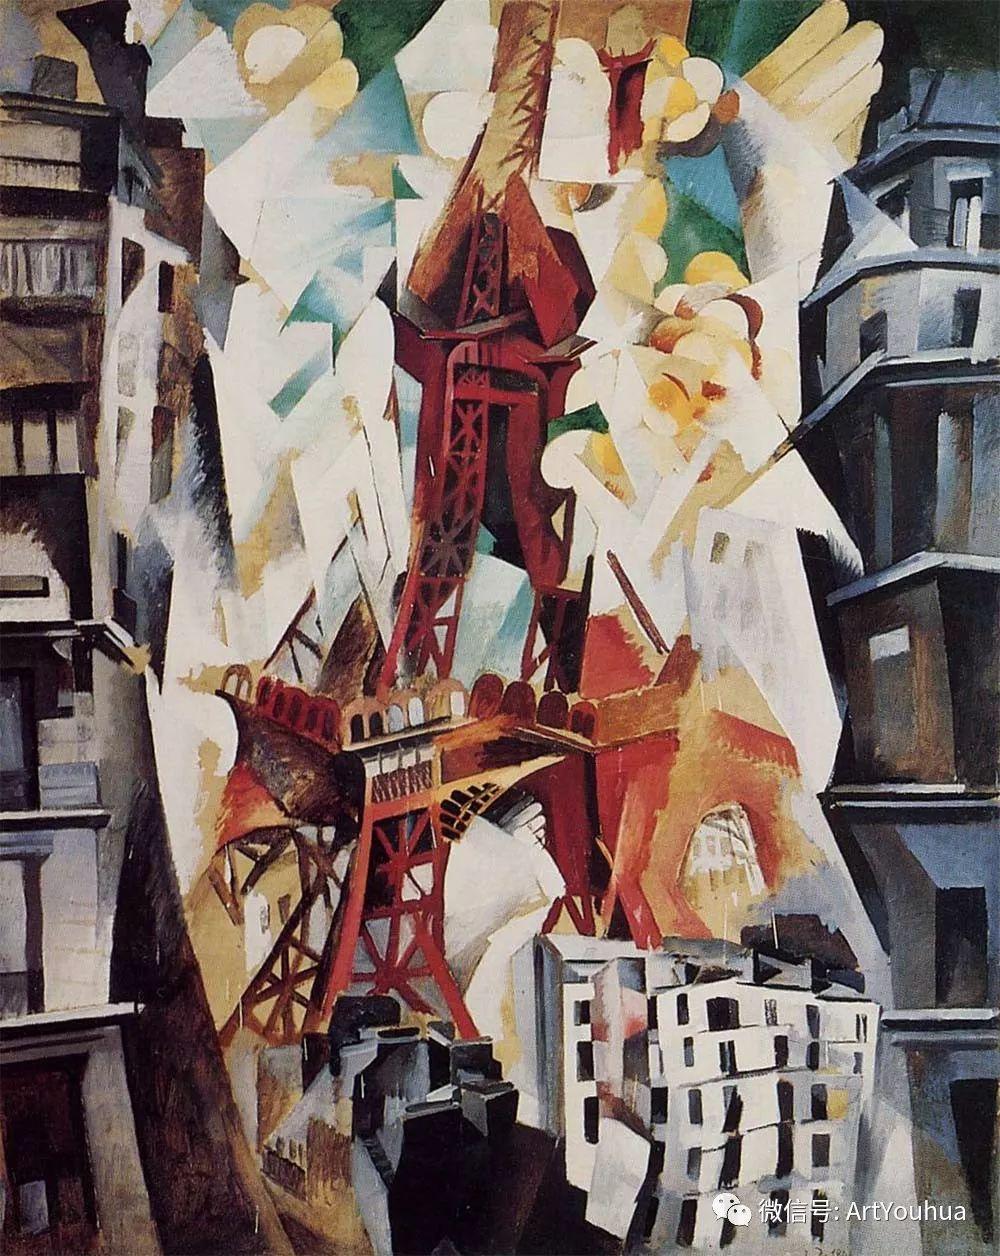 抽象艺术 法国画家Robert Delaunay插图29